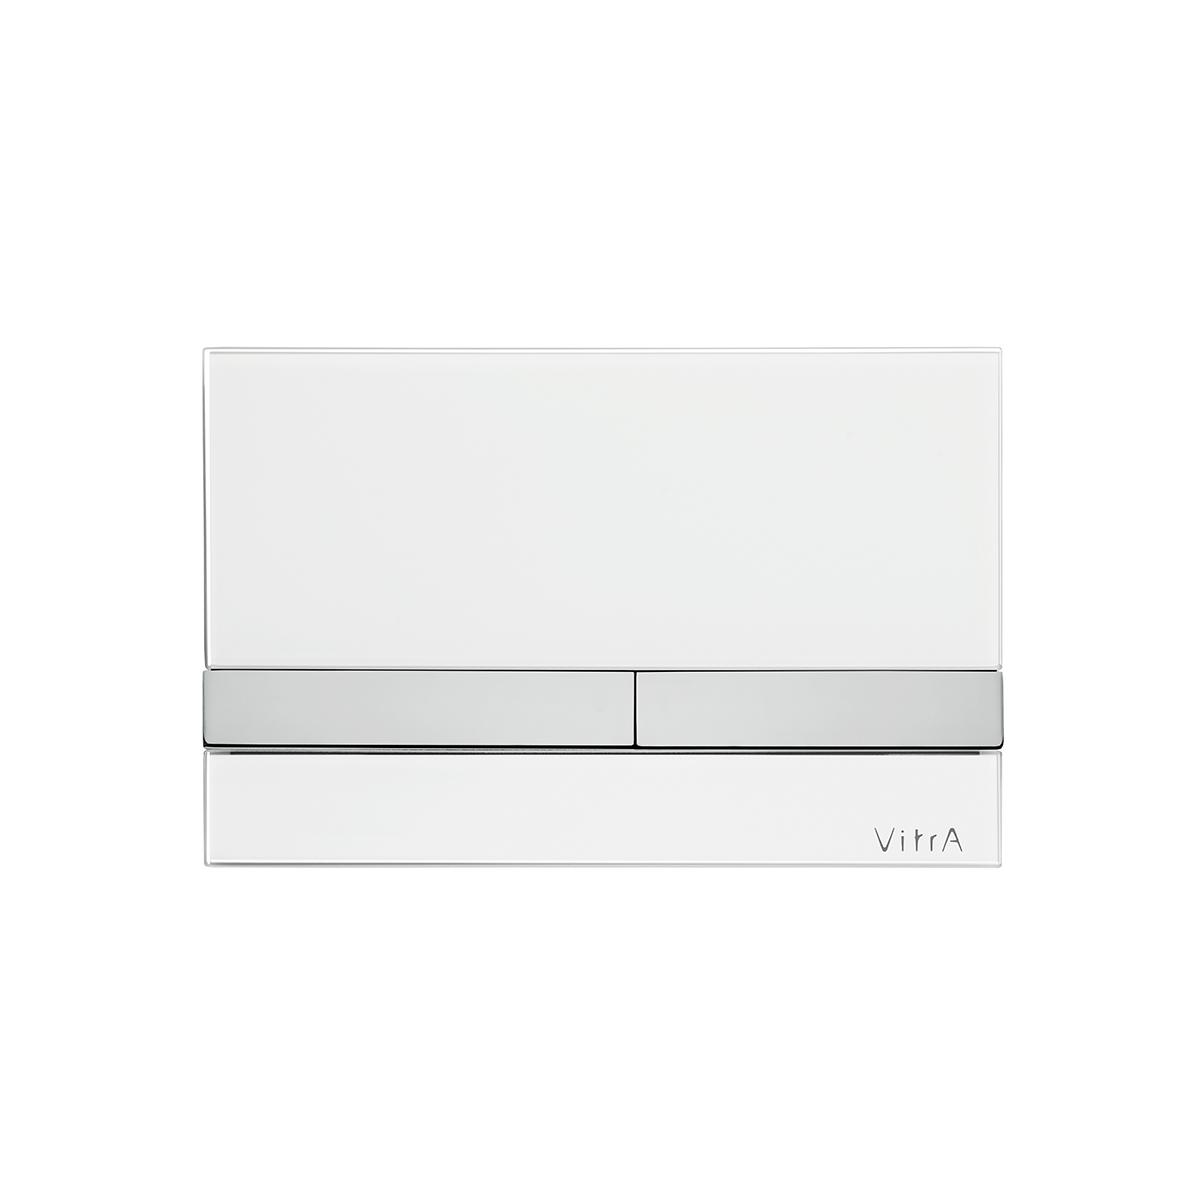 Select panneau de commande 3/6 l modèle mecanique, 24,4  x  16,5 cm, blanc